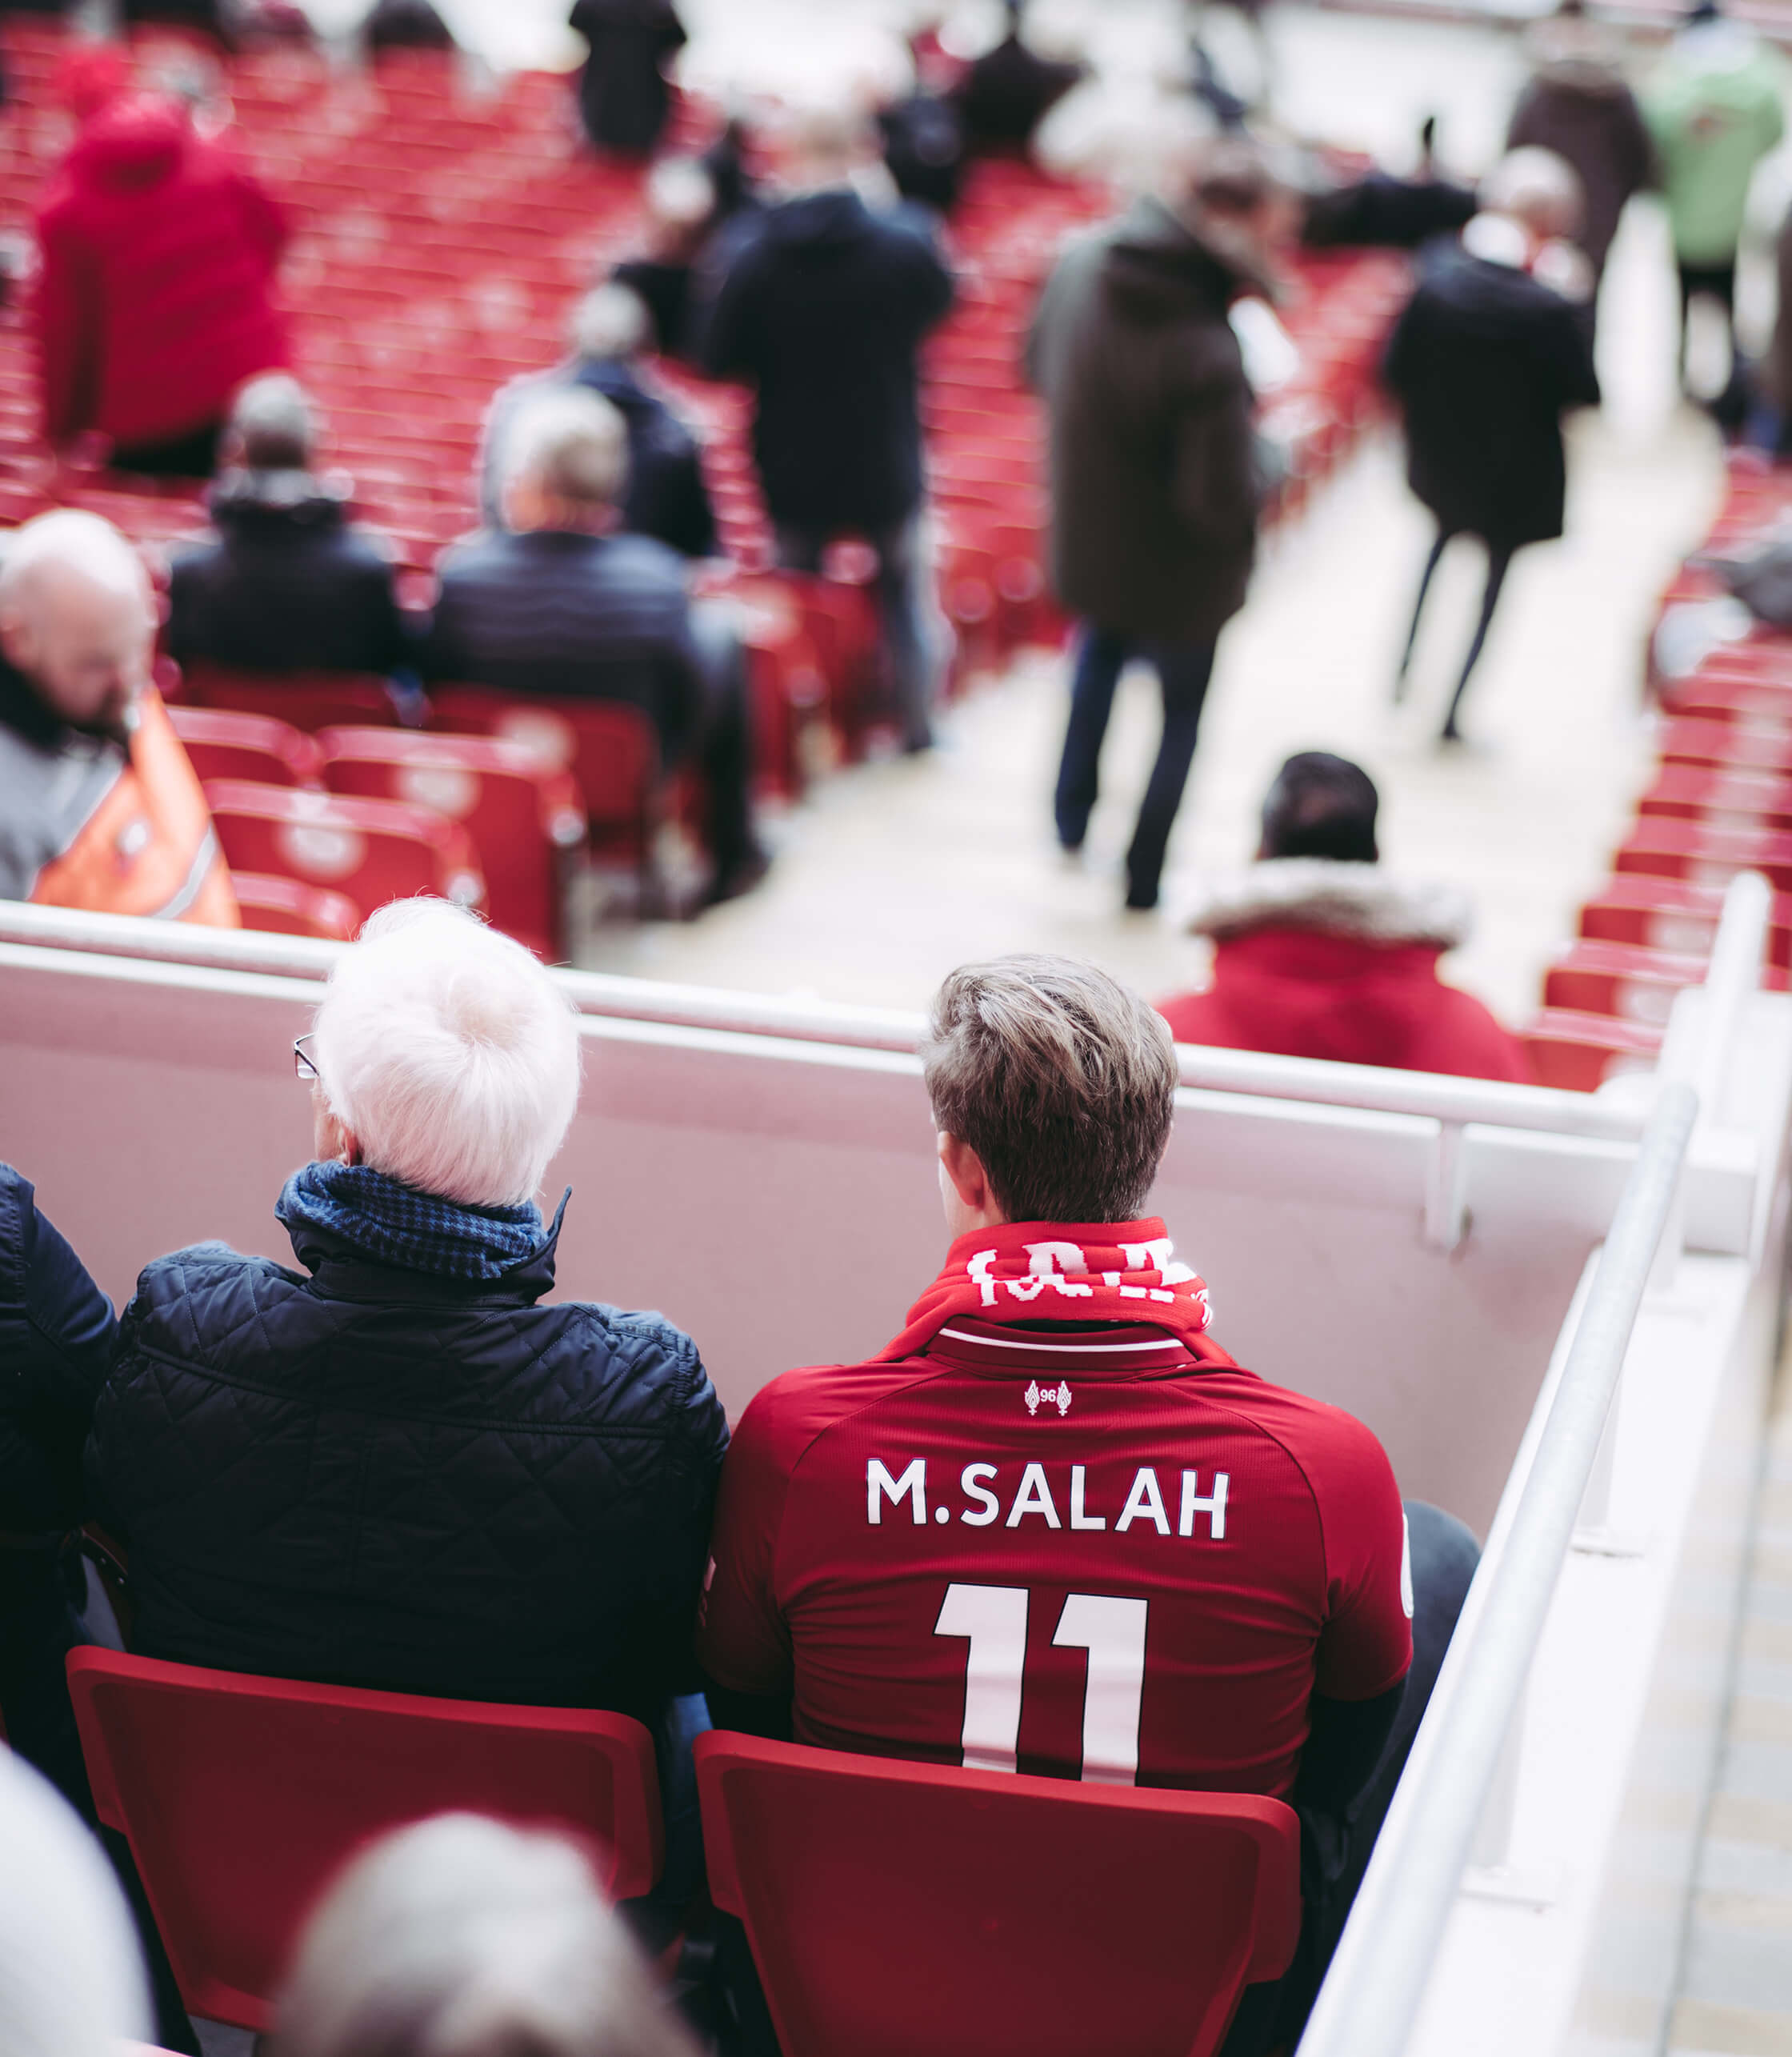 Football Fan In Liverpool Kit In Stadium